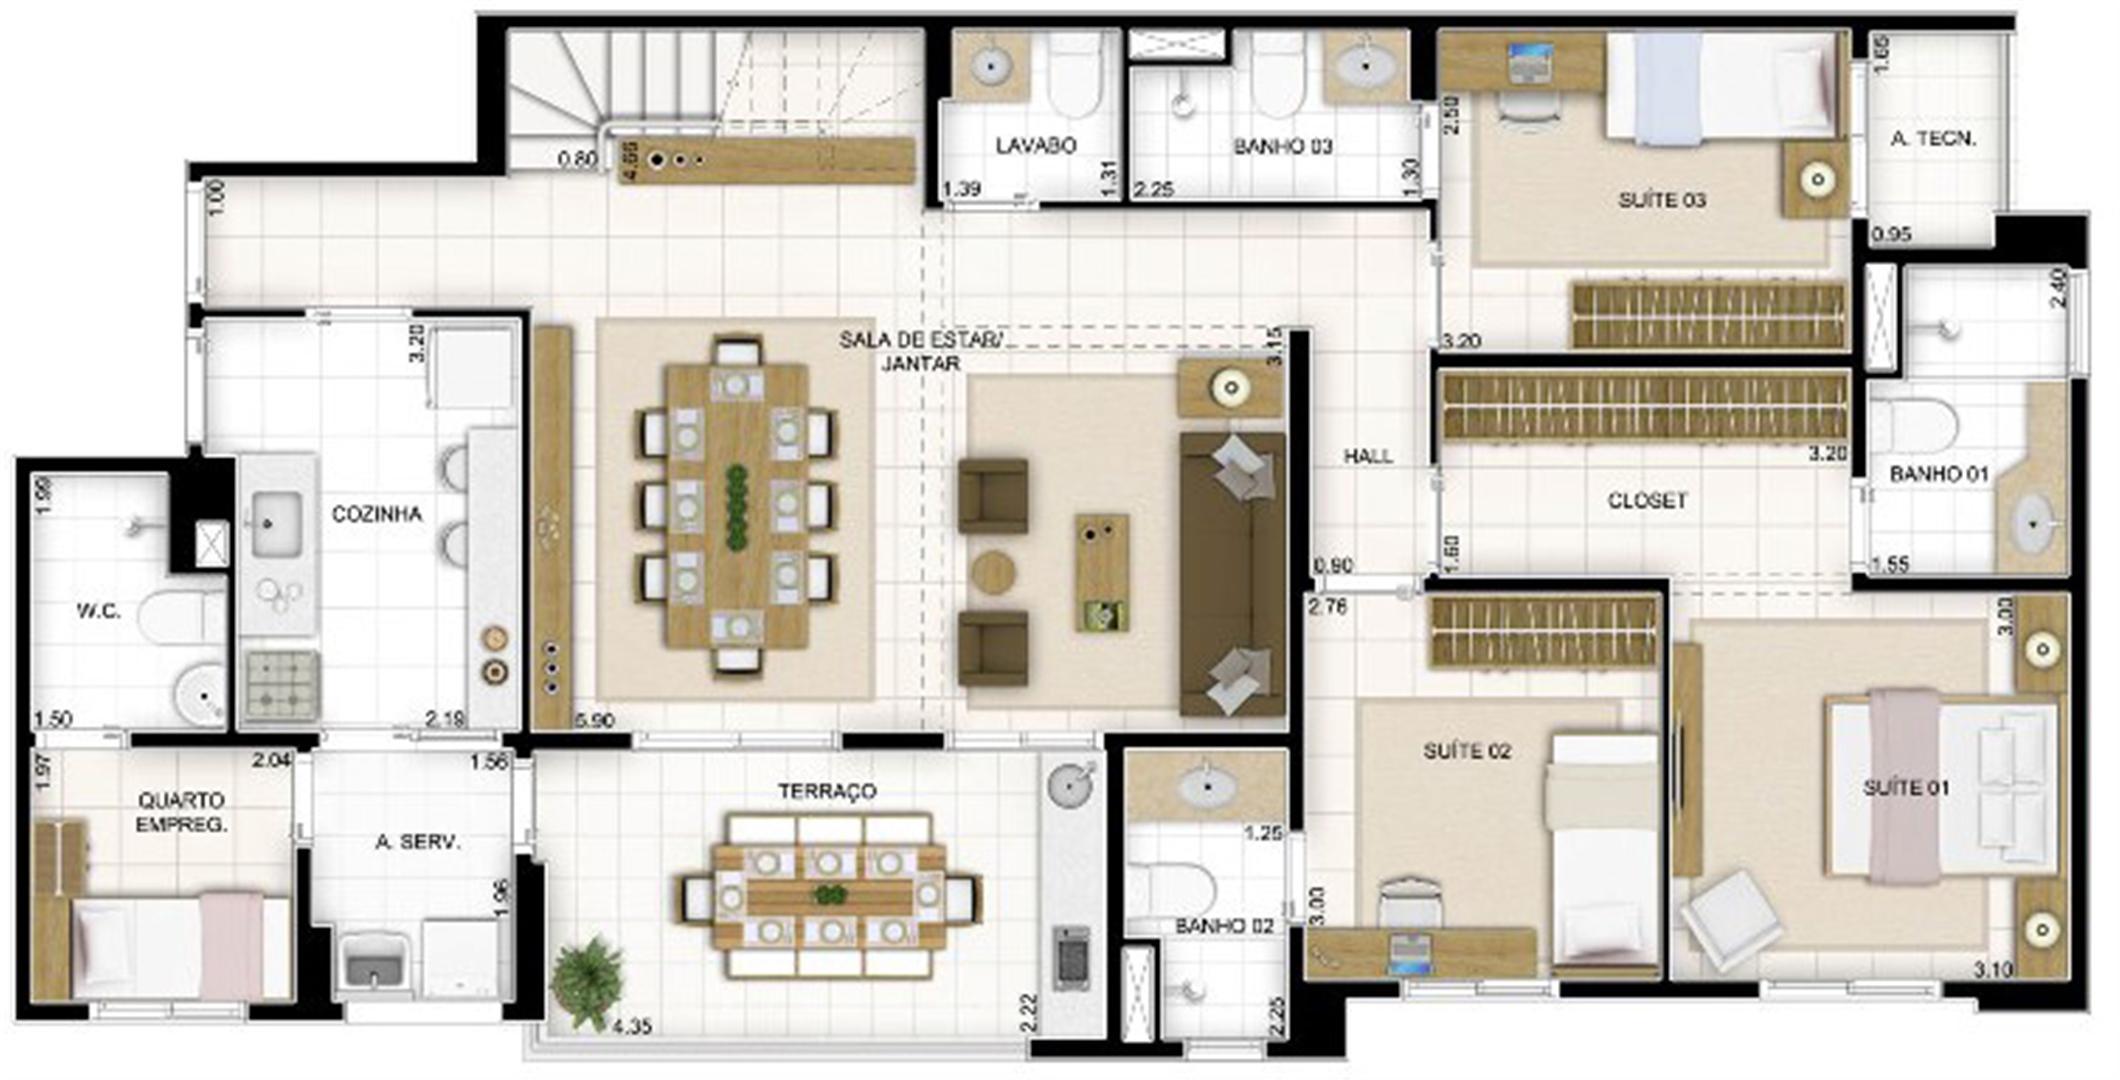 Duplex Andar Inferior 3 quartos Sala Ampliada 236 m² | Quartier Lagoa Nova – Apartamento na  Lagoa Nova - Natal - Rio Grande do Norte